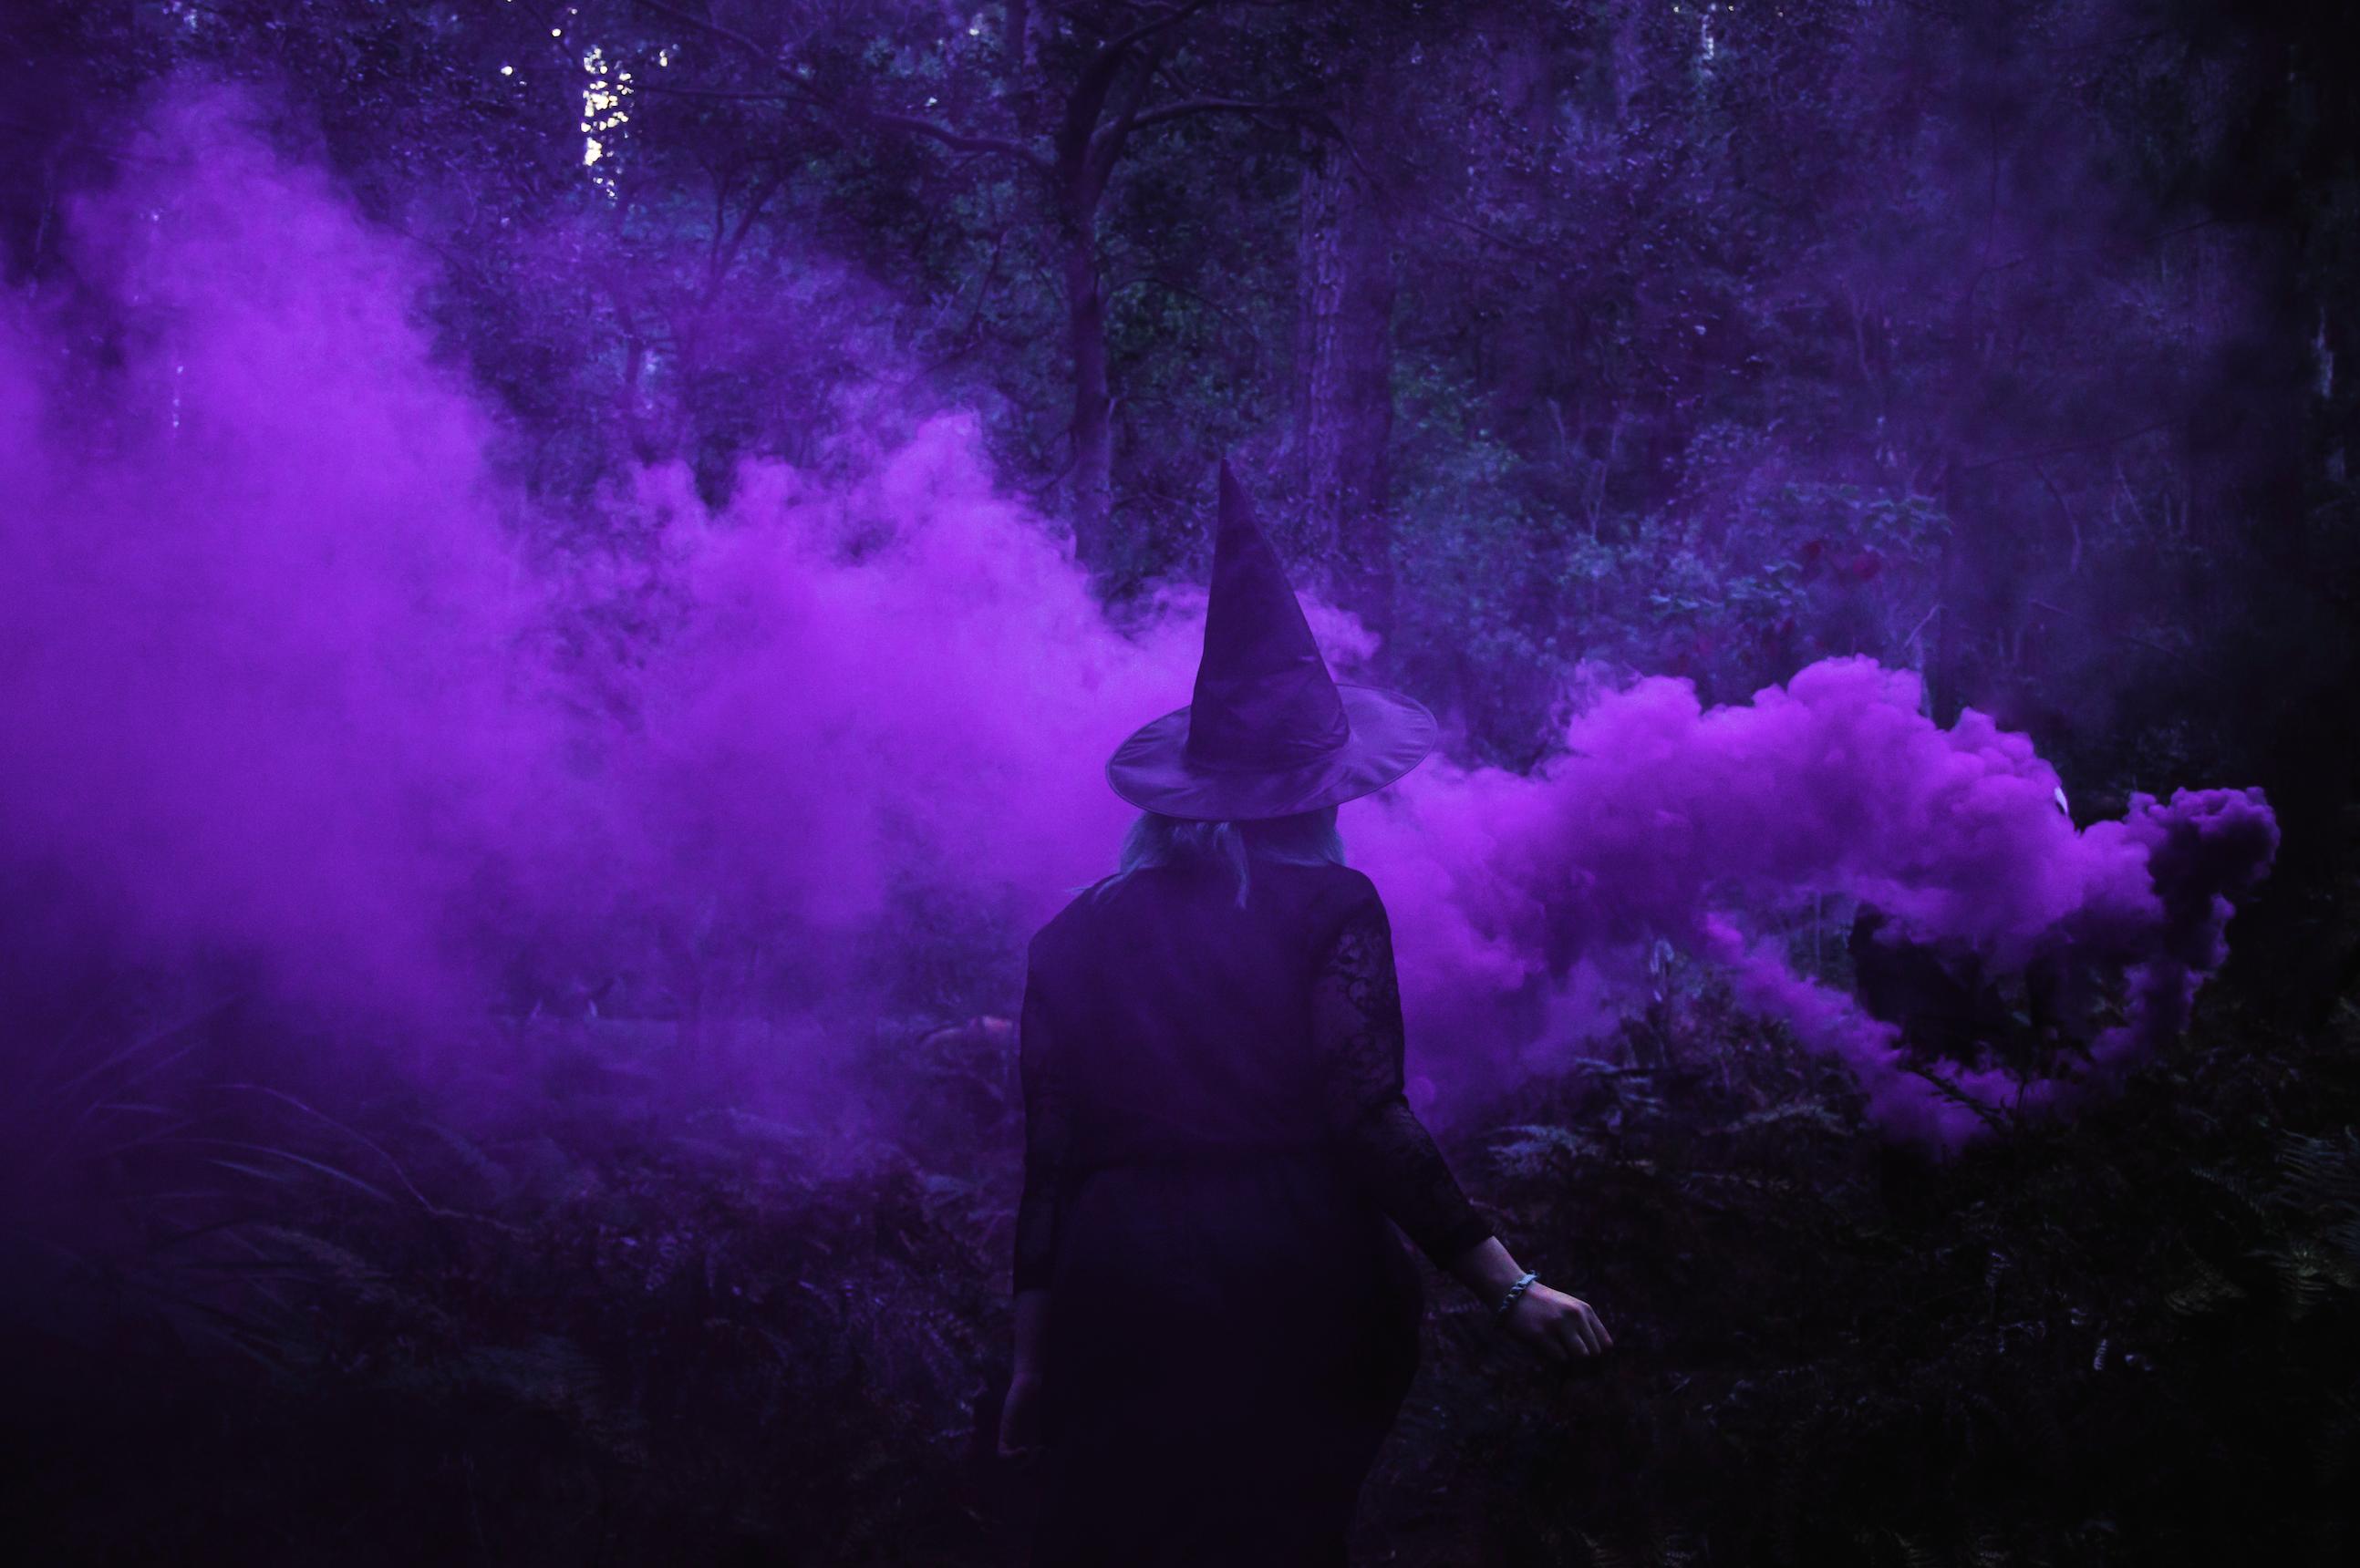 Il Signore degli Anelli, Harry Potter e il mondo fantasy a Bassano